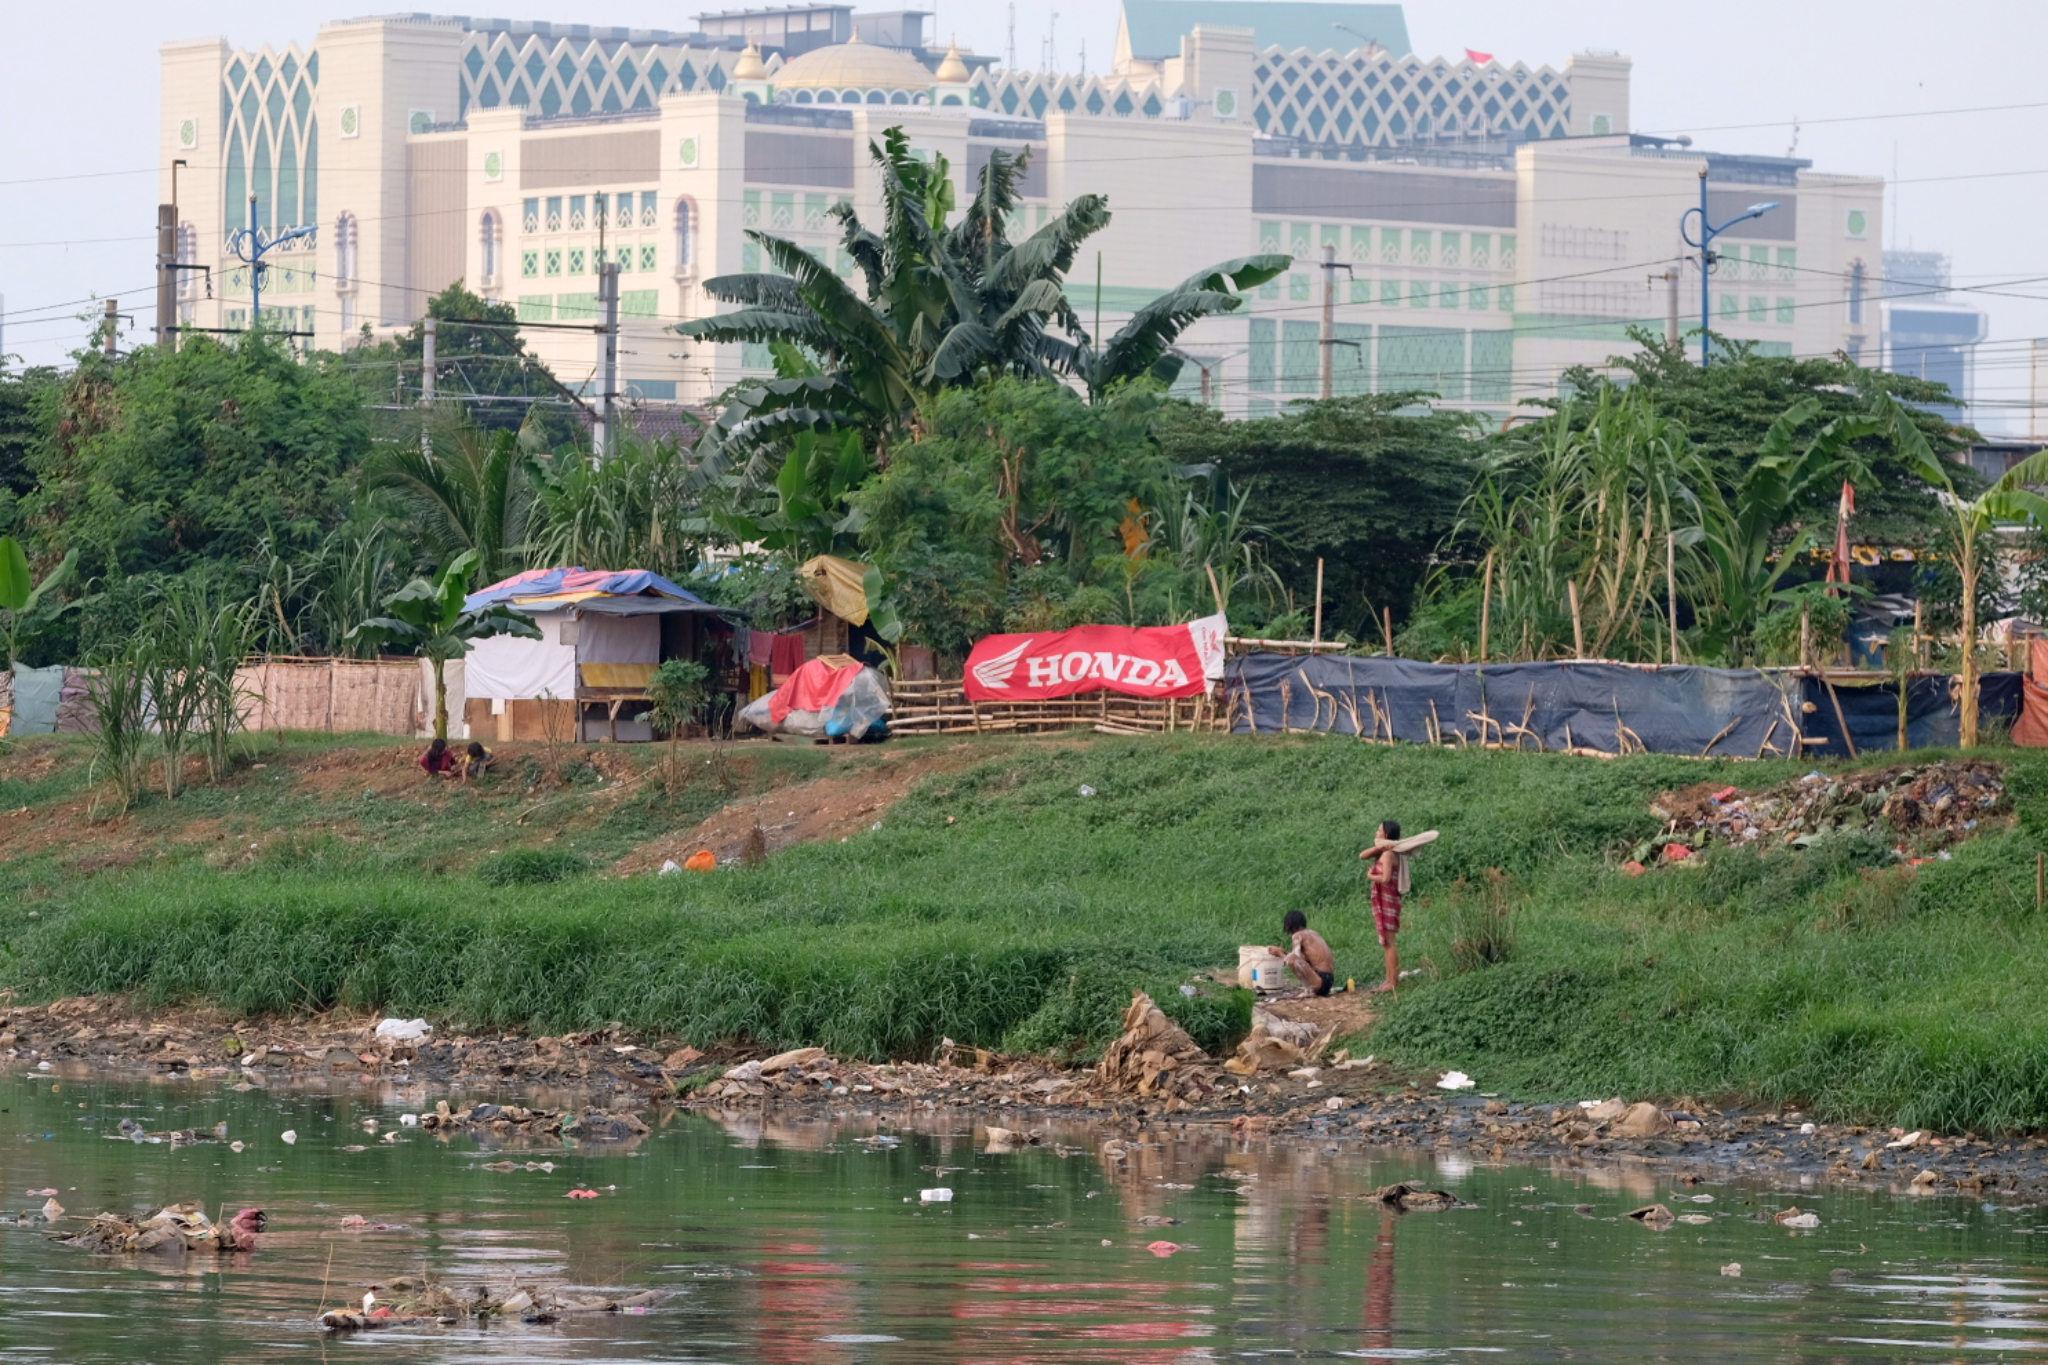 Pandemi Bikin Kantong Kering dan Kemiskinan Makin Ekstrem